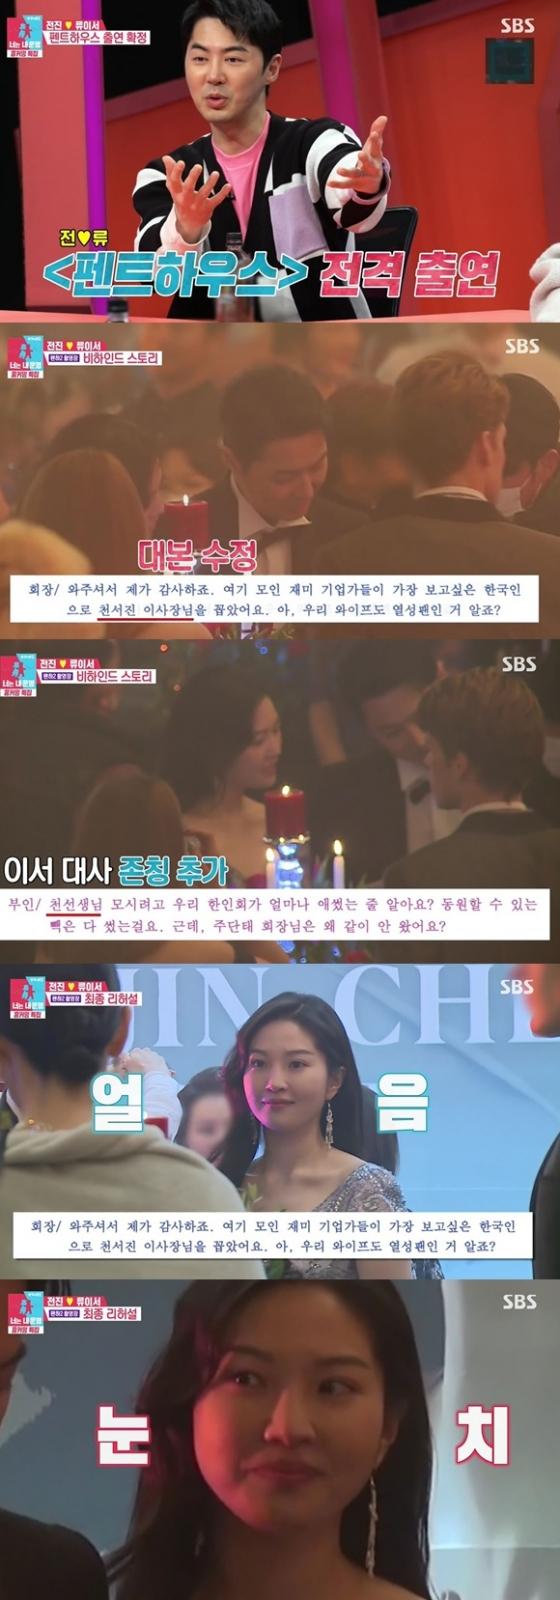 /사진= SBS 예능 '너는 내 운명' 방송 화면